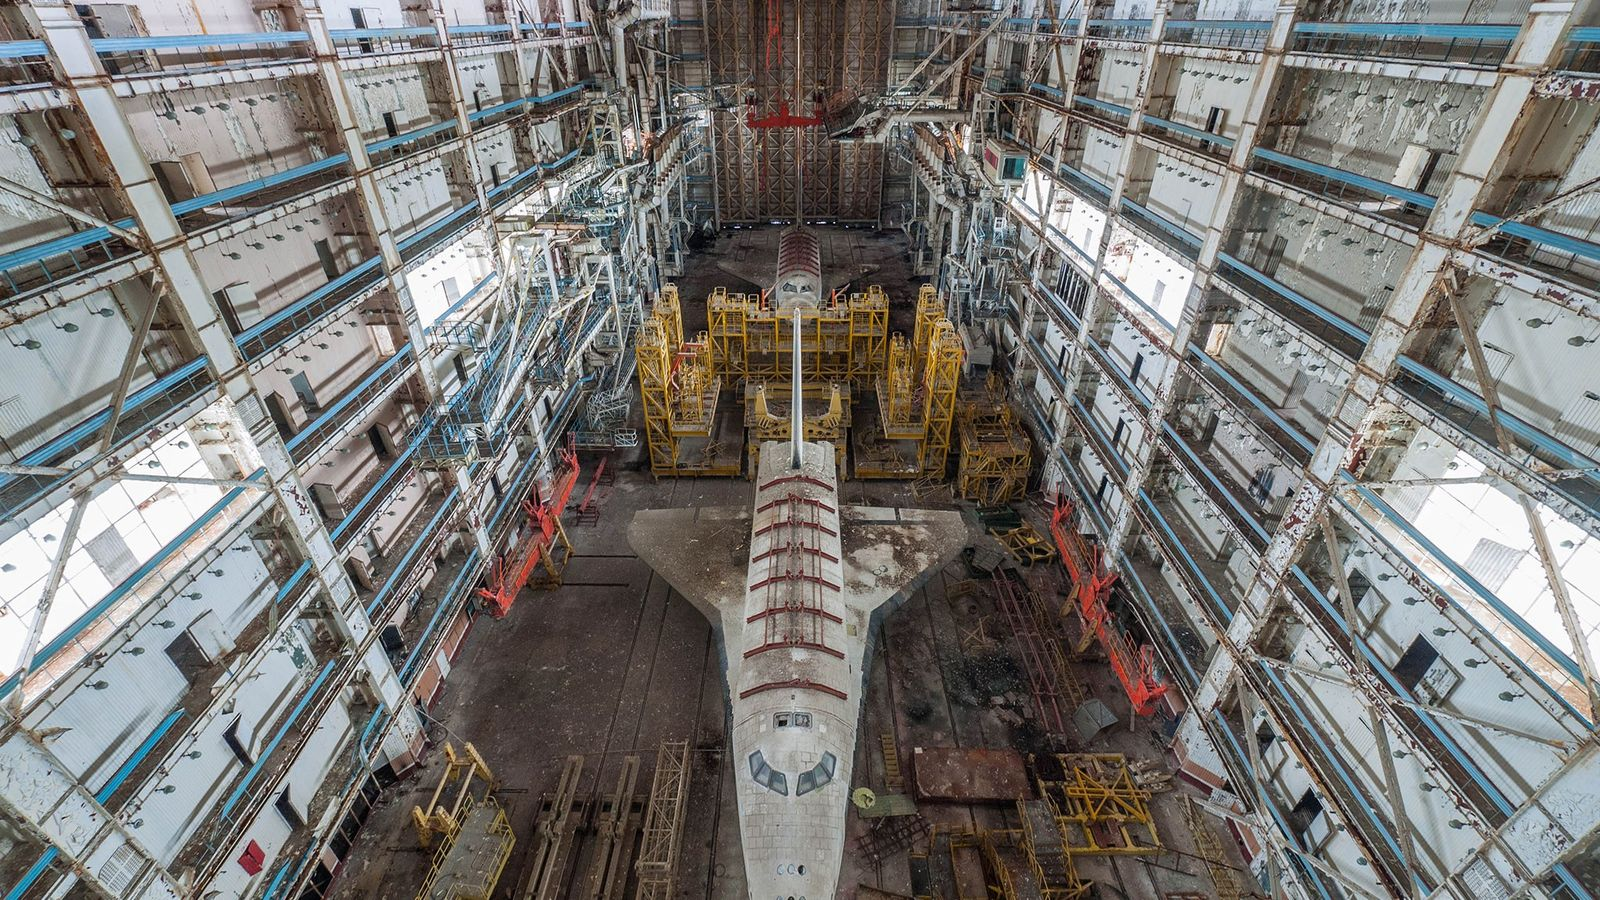 01-buran-russian-space-shuttle